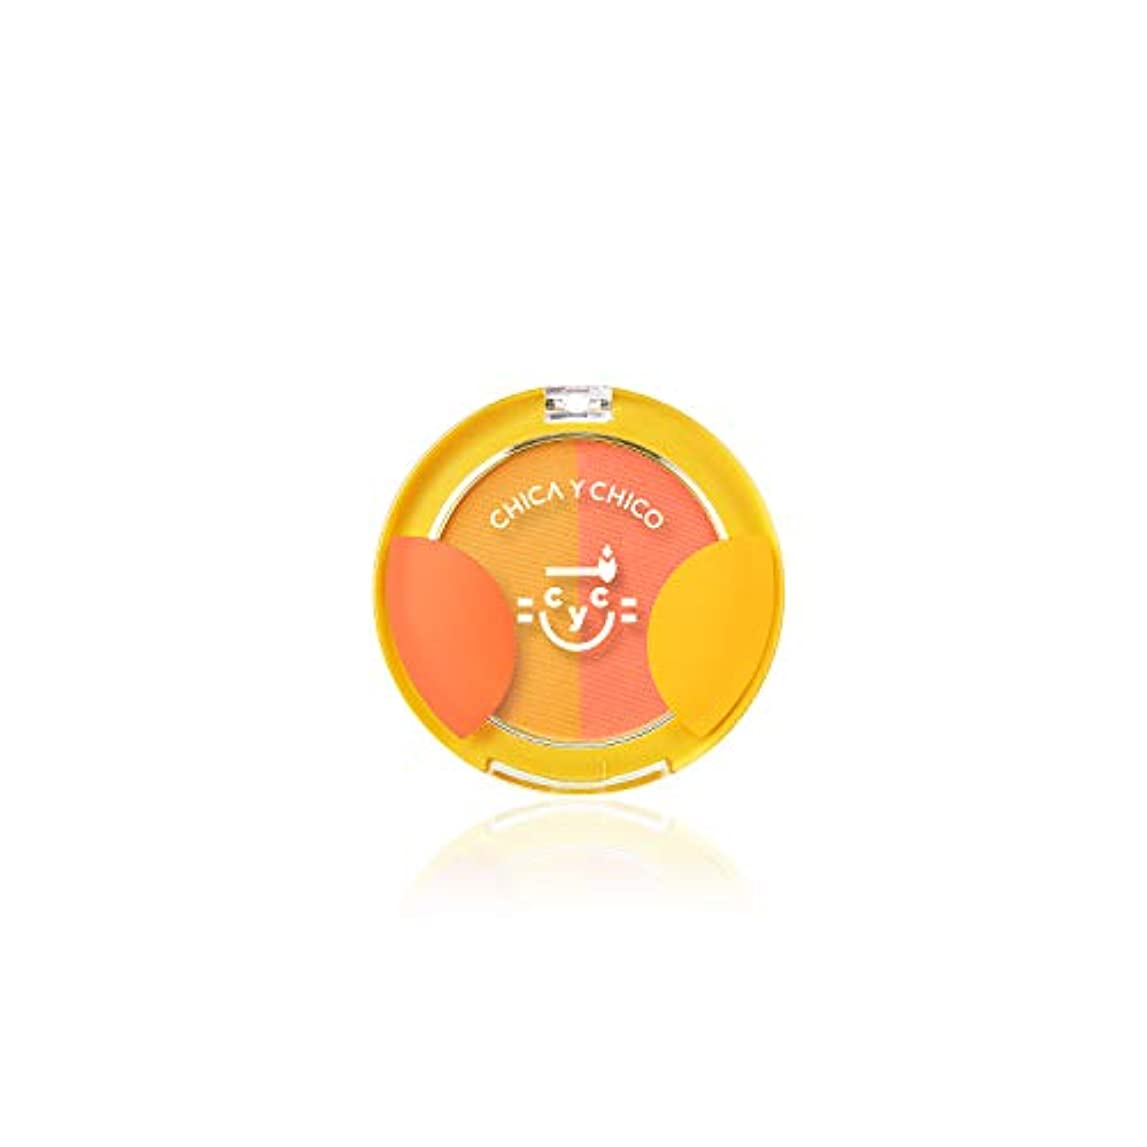 アームストロング余剰舞い上がる[チカイチコ]ワンタッチデュオチーク1号(ジューシーフルーツアロー)■高発色